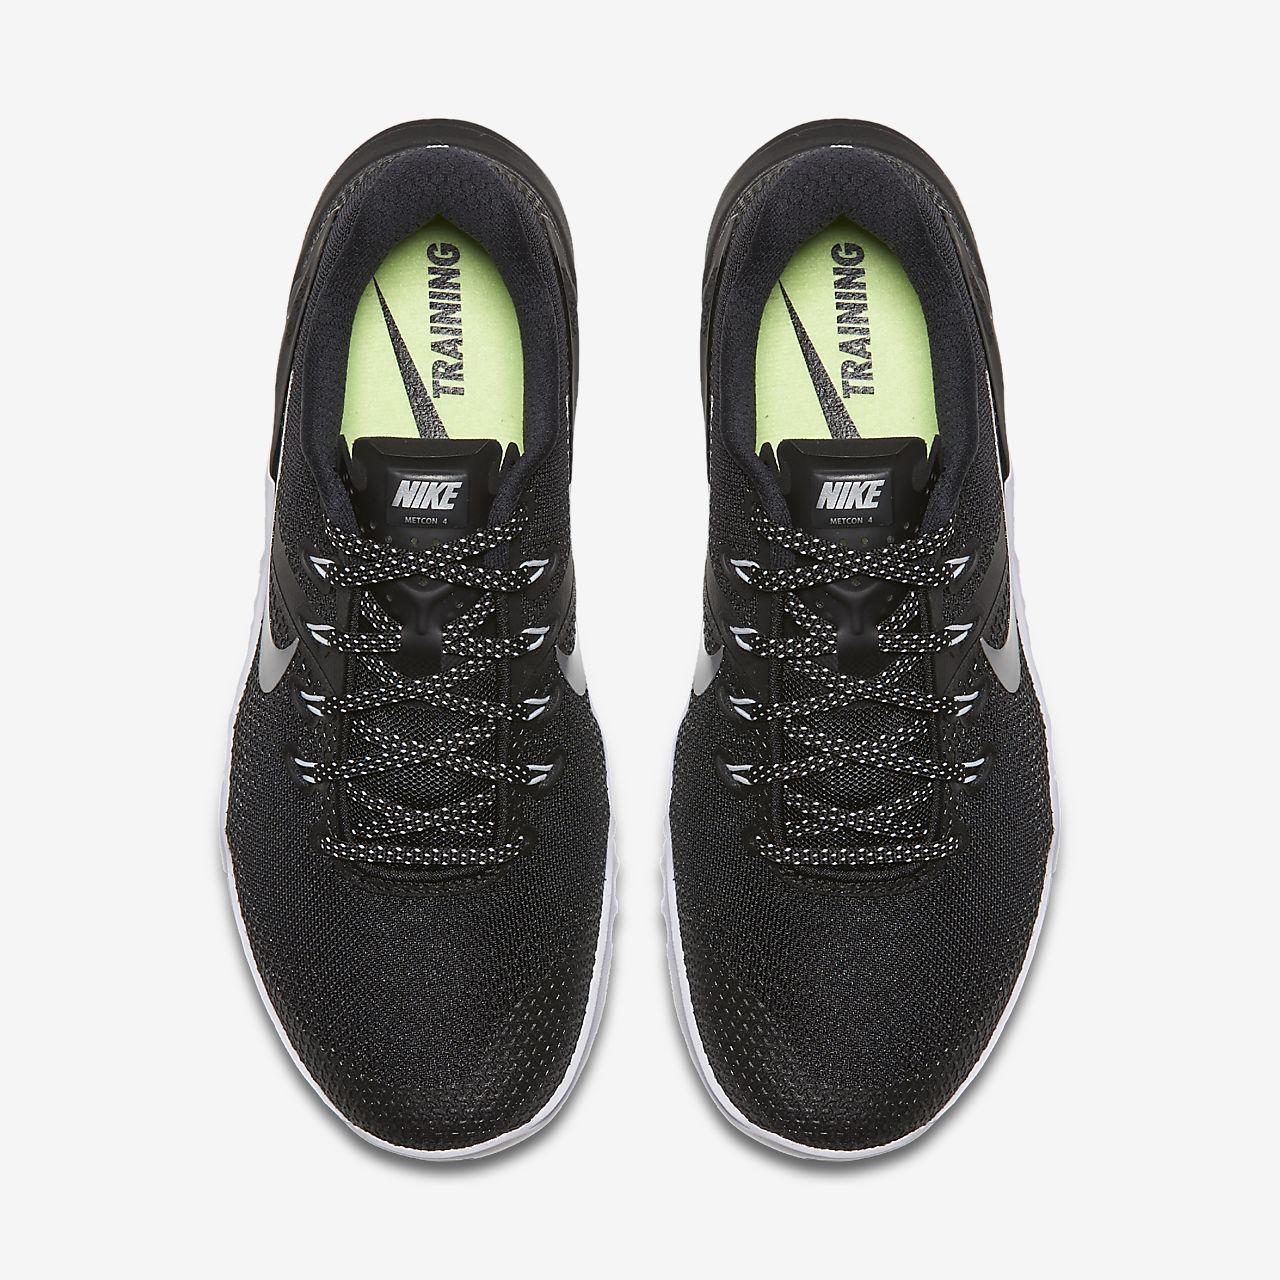 bed404183db ... Sapatilhas de cross-training e halterofilismo Nike Metcon 4 para mulher